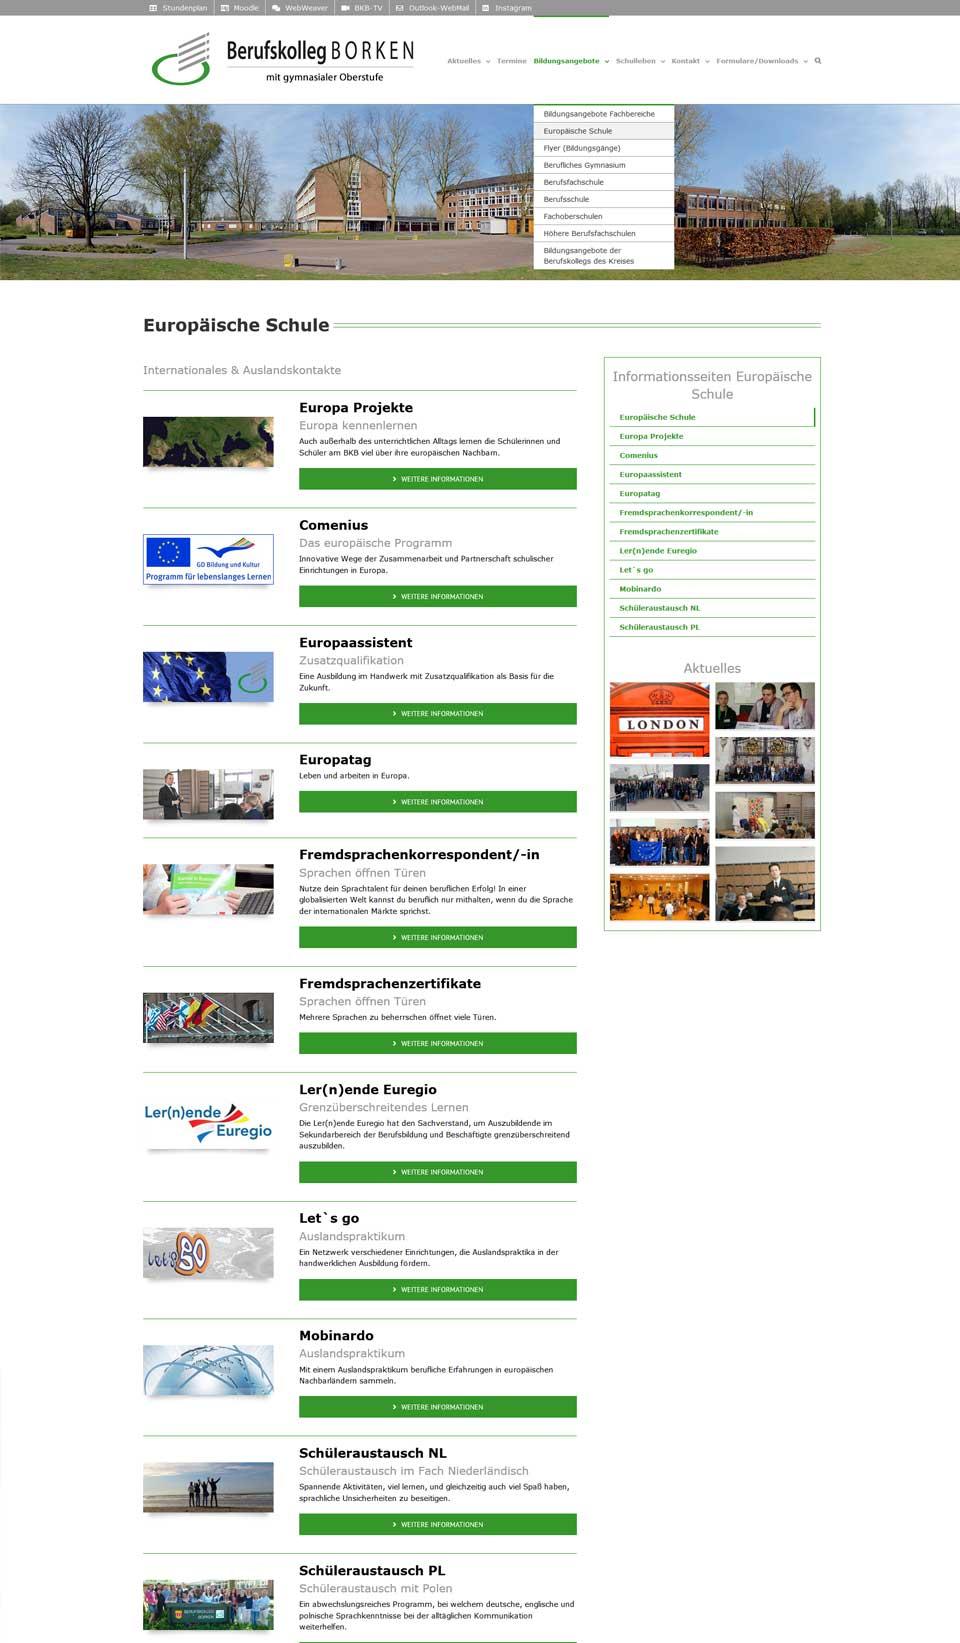 Berufskolleg-Borken-Europaeische-Schule